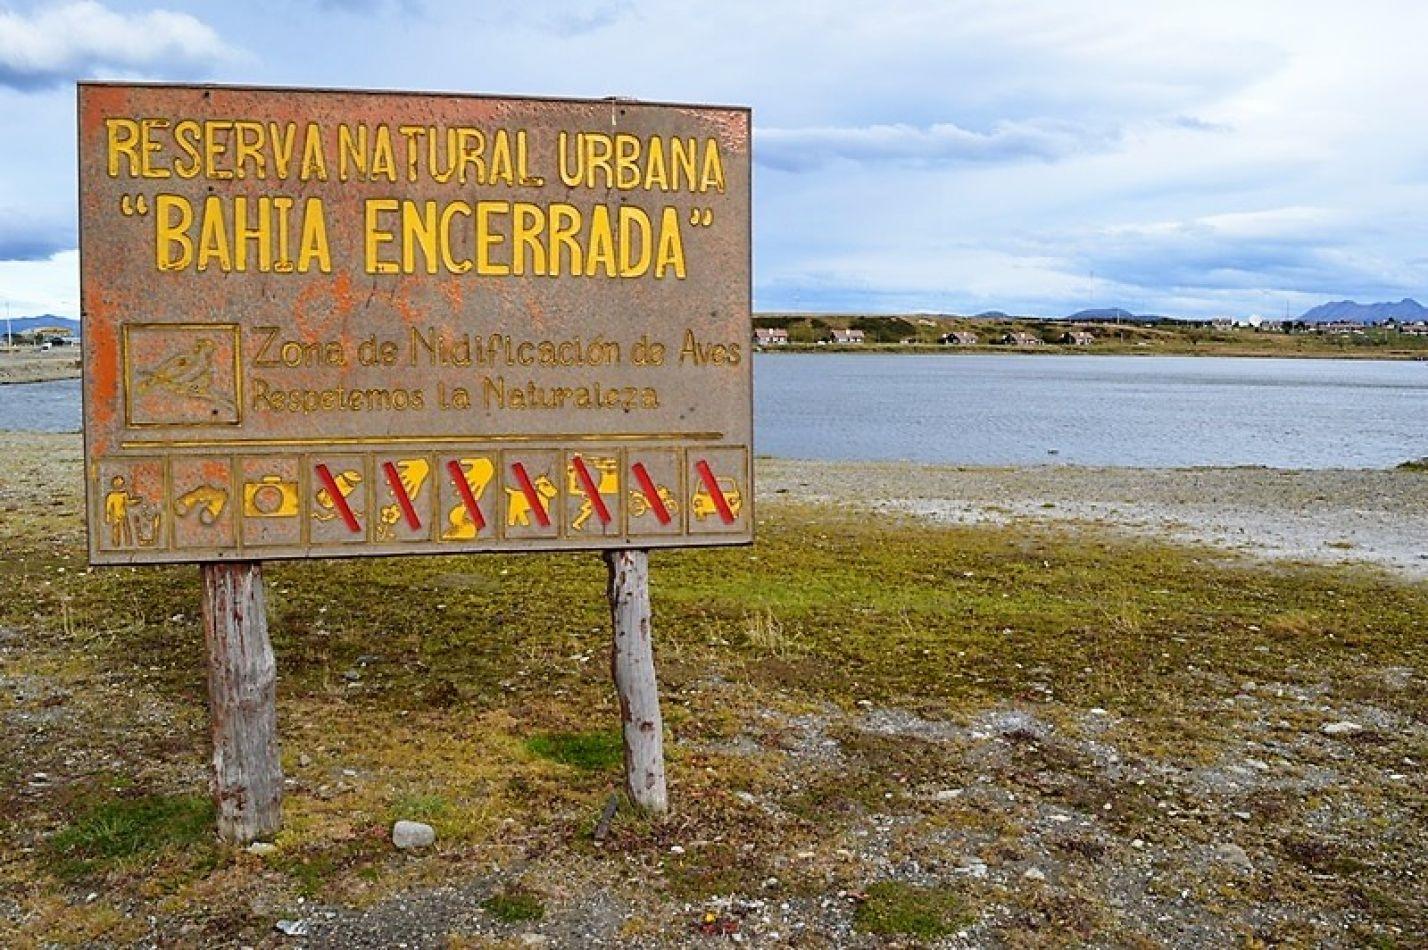 Construirán 4 miradores y una pasarela en Bahía Encerrada